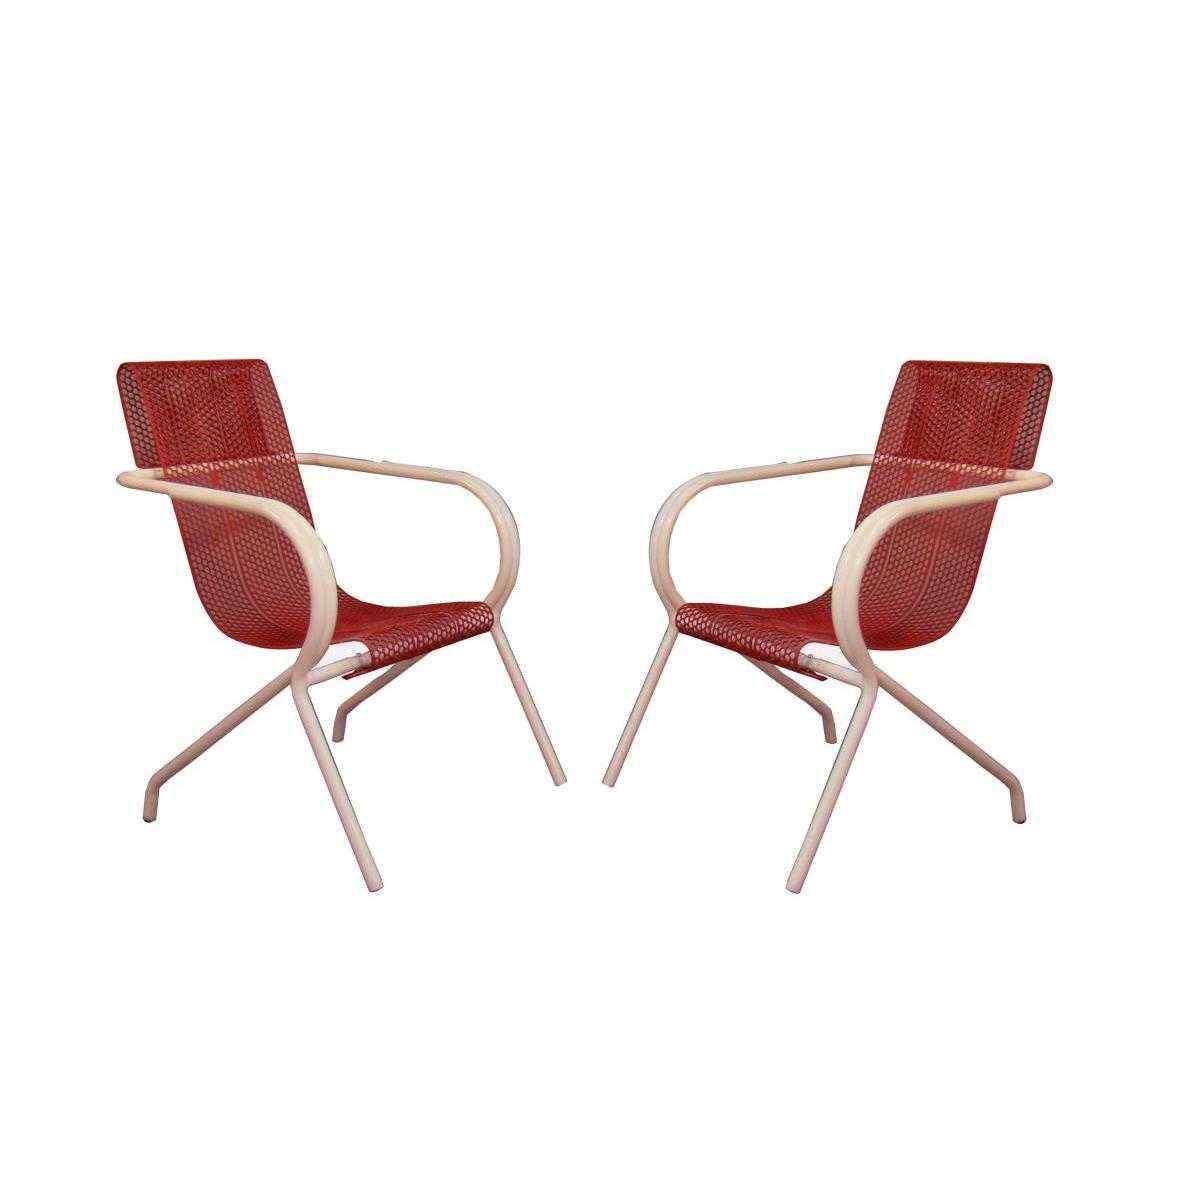 Coppia di sedute - Maison Claude Adrien XX secolo